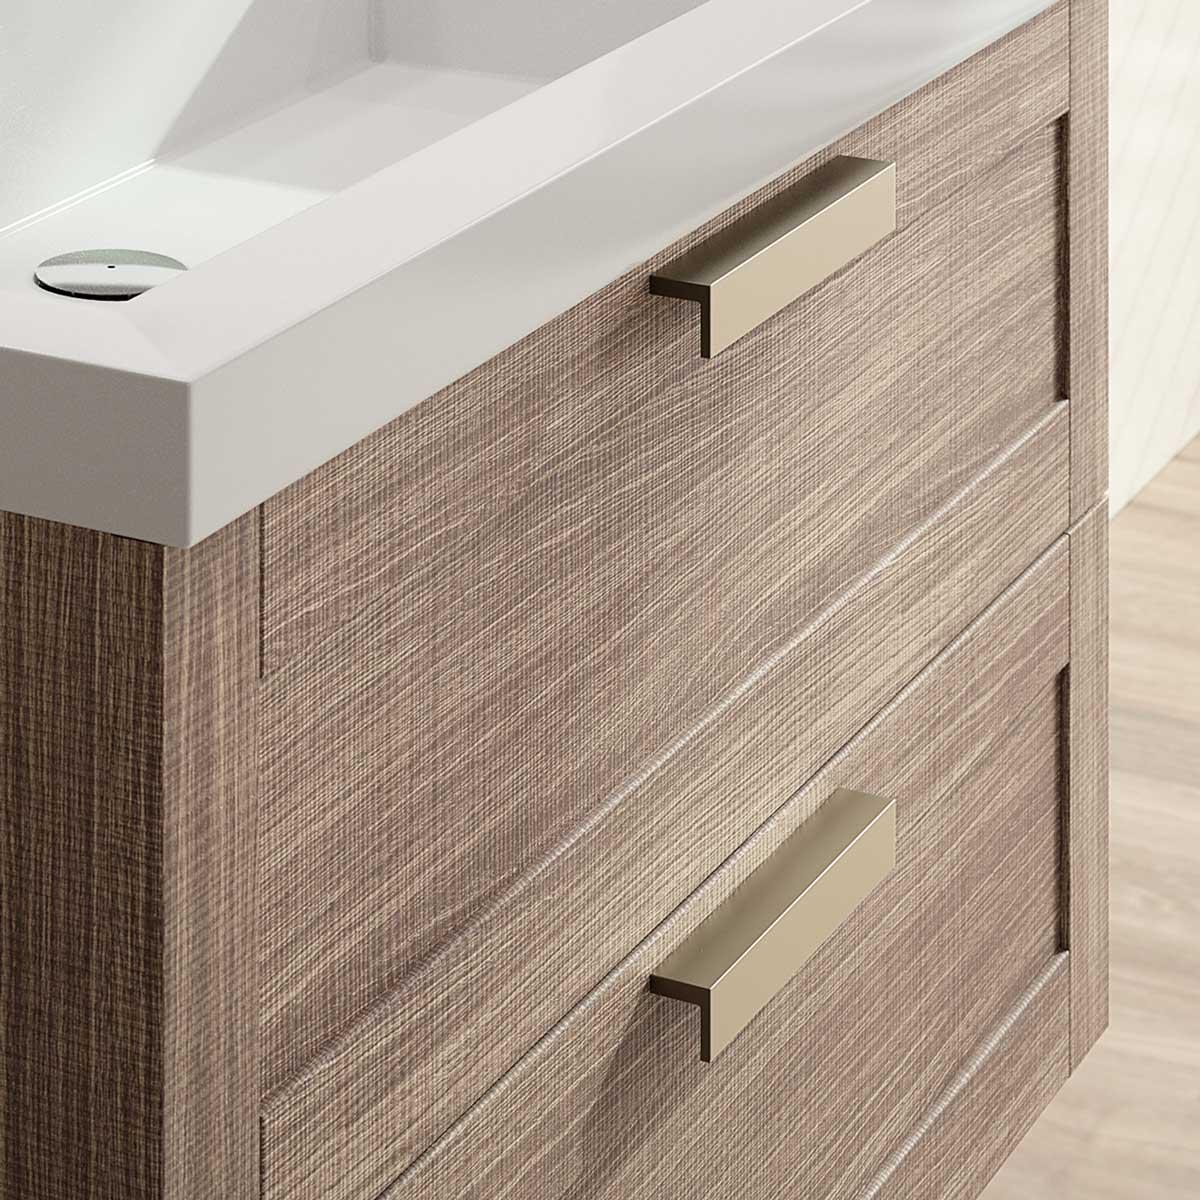 poign es meubles de salle de bains baignoires fabricant fran ais cedam. Black Bedroom Furniture Sets. Home Design Ideas